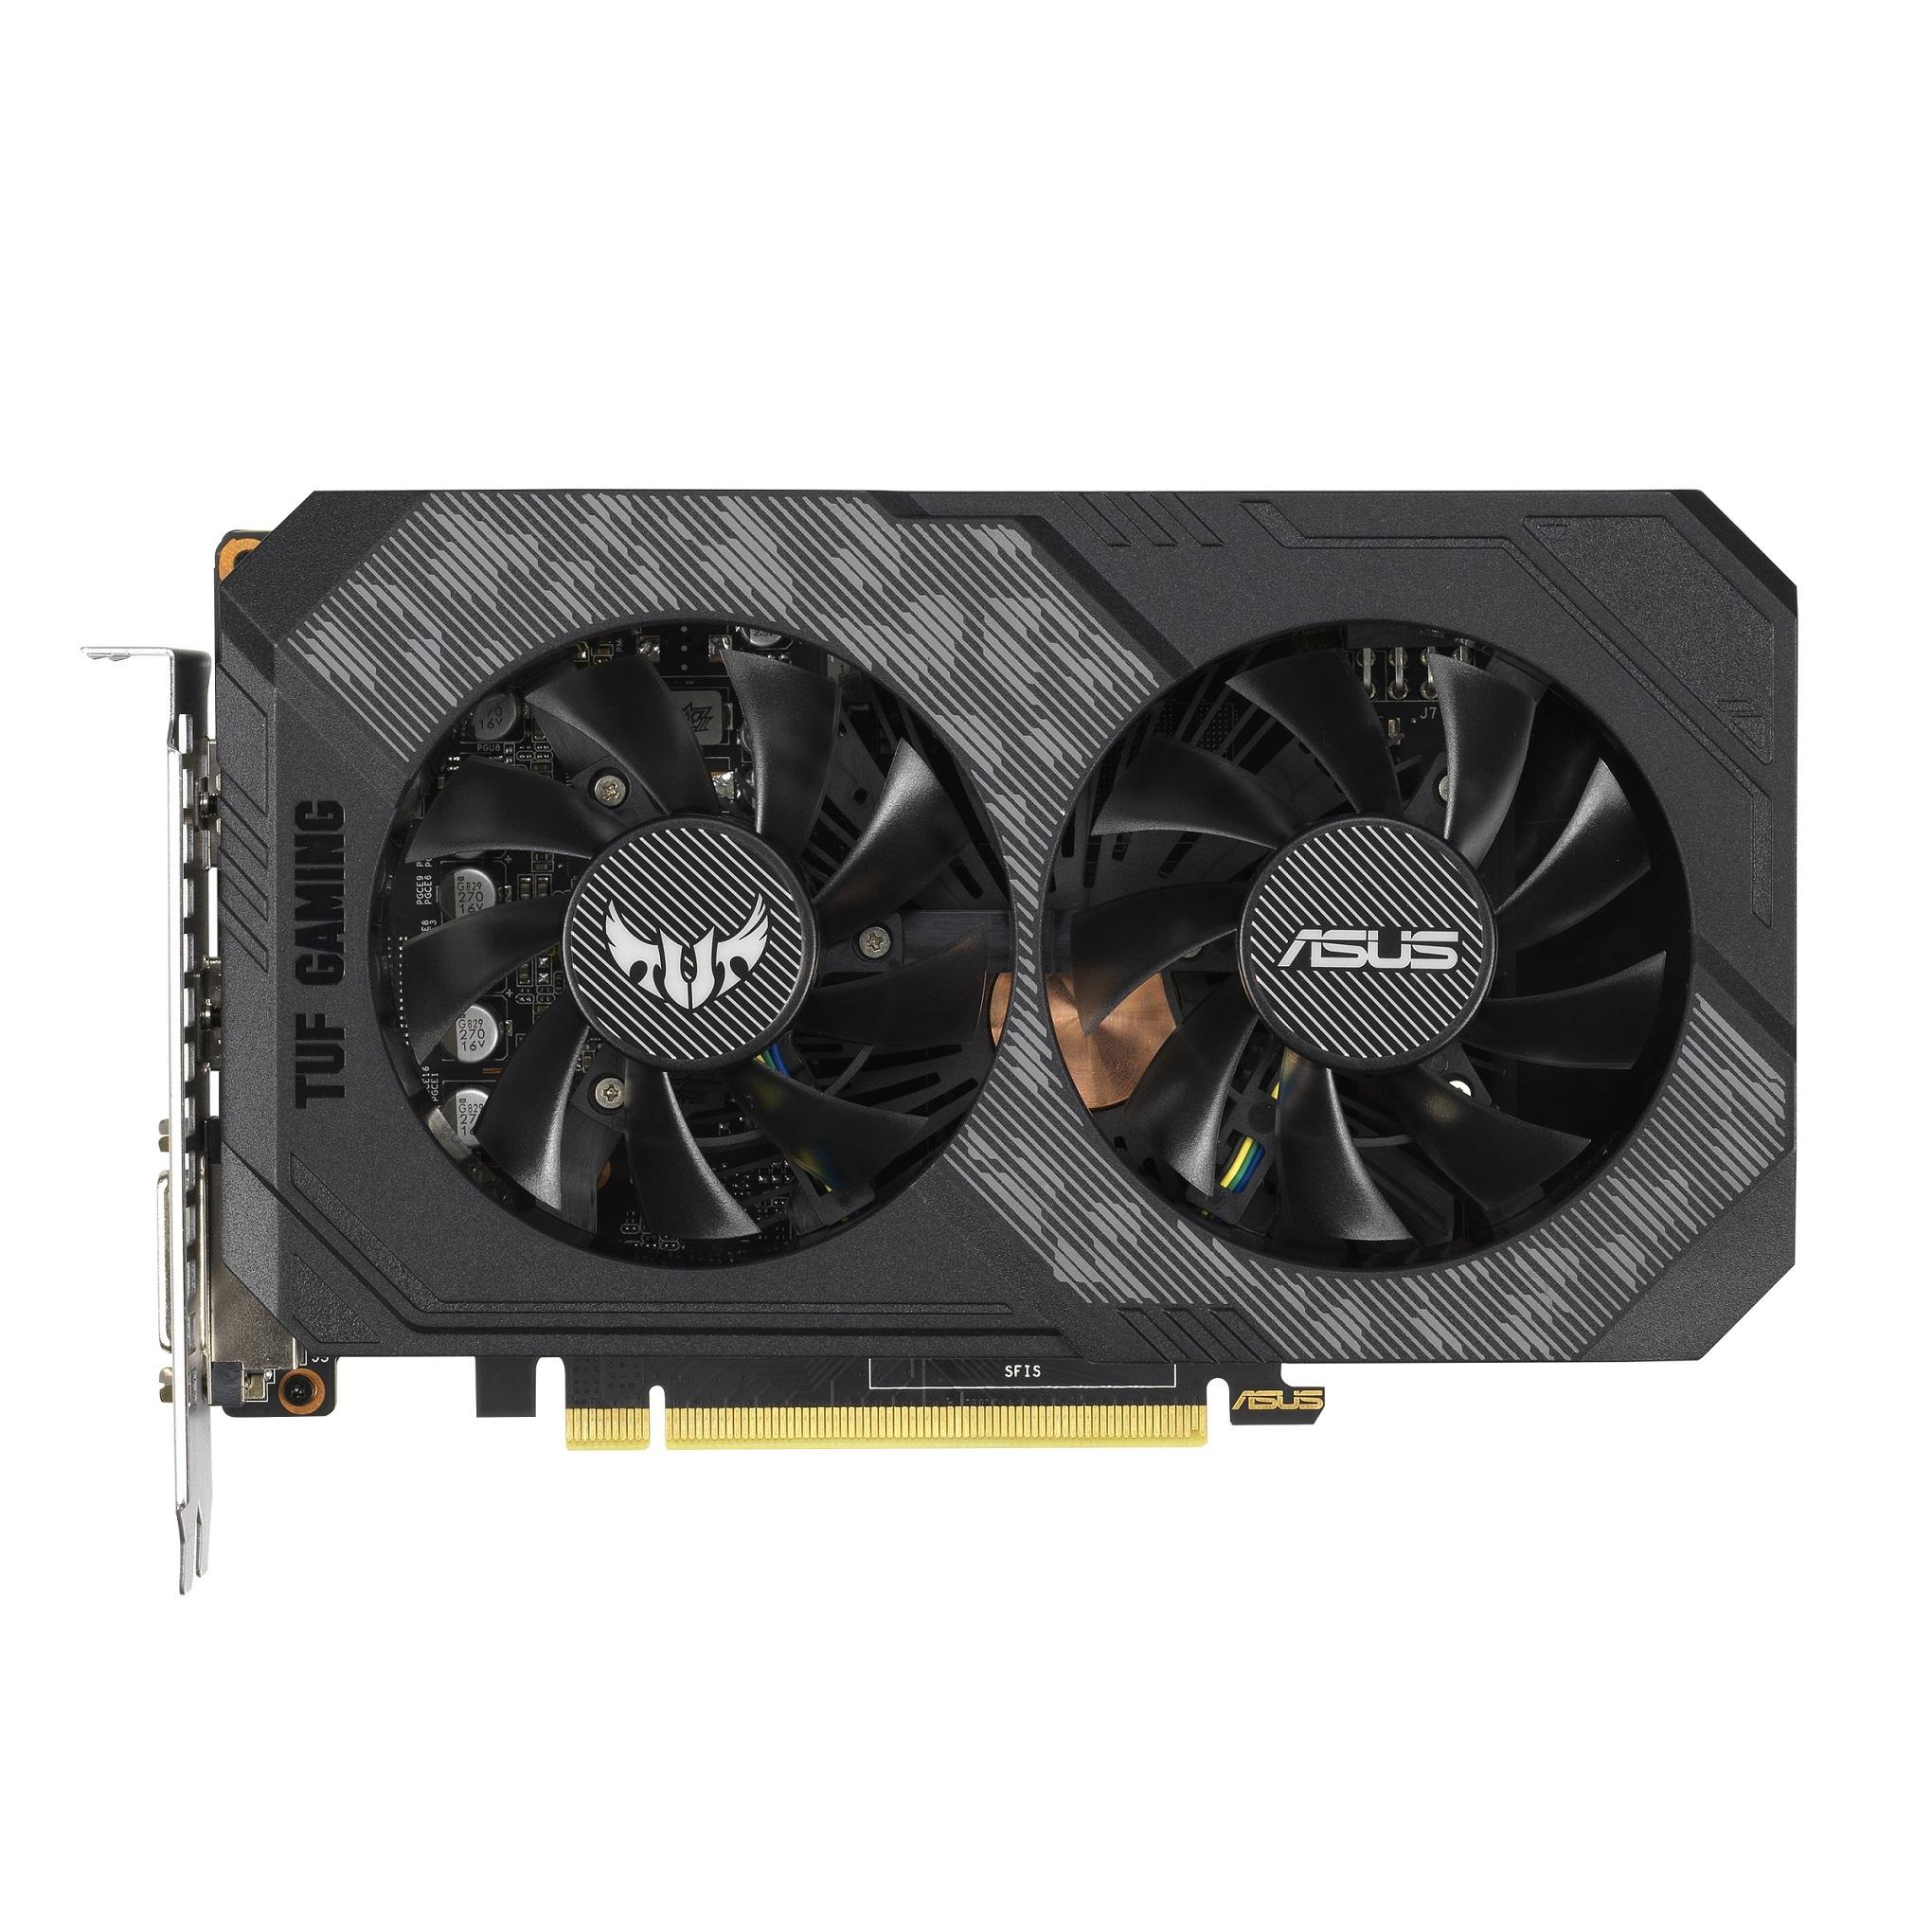 ASUS TUF Gaming GeForce GTX 1660 相當適合升級週期較長的電競玩家